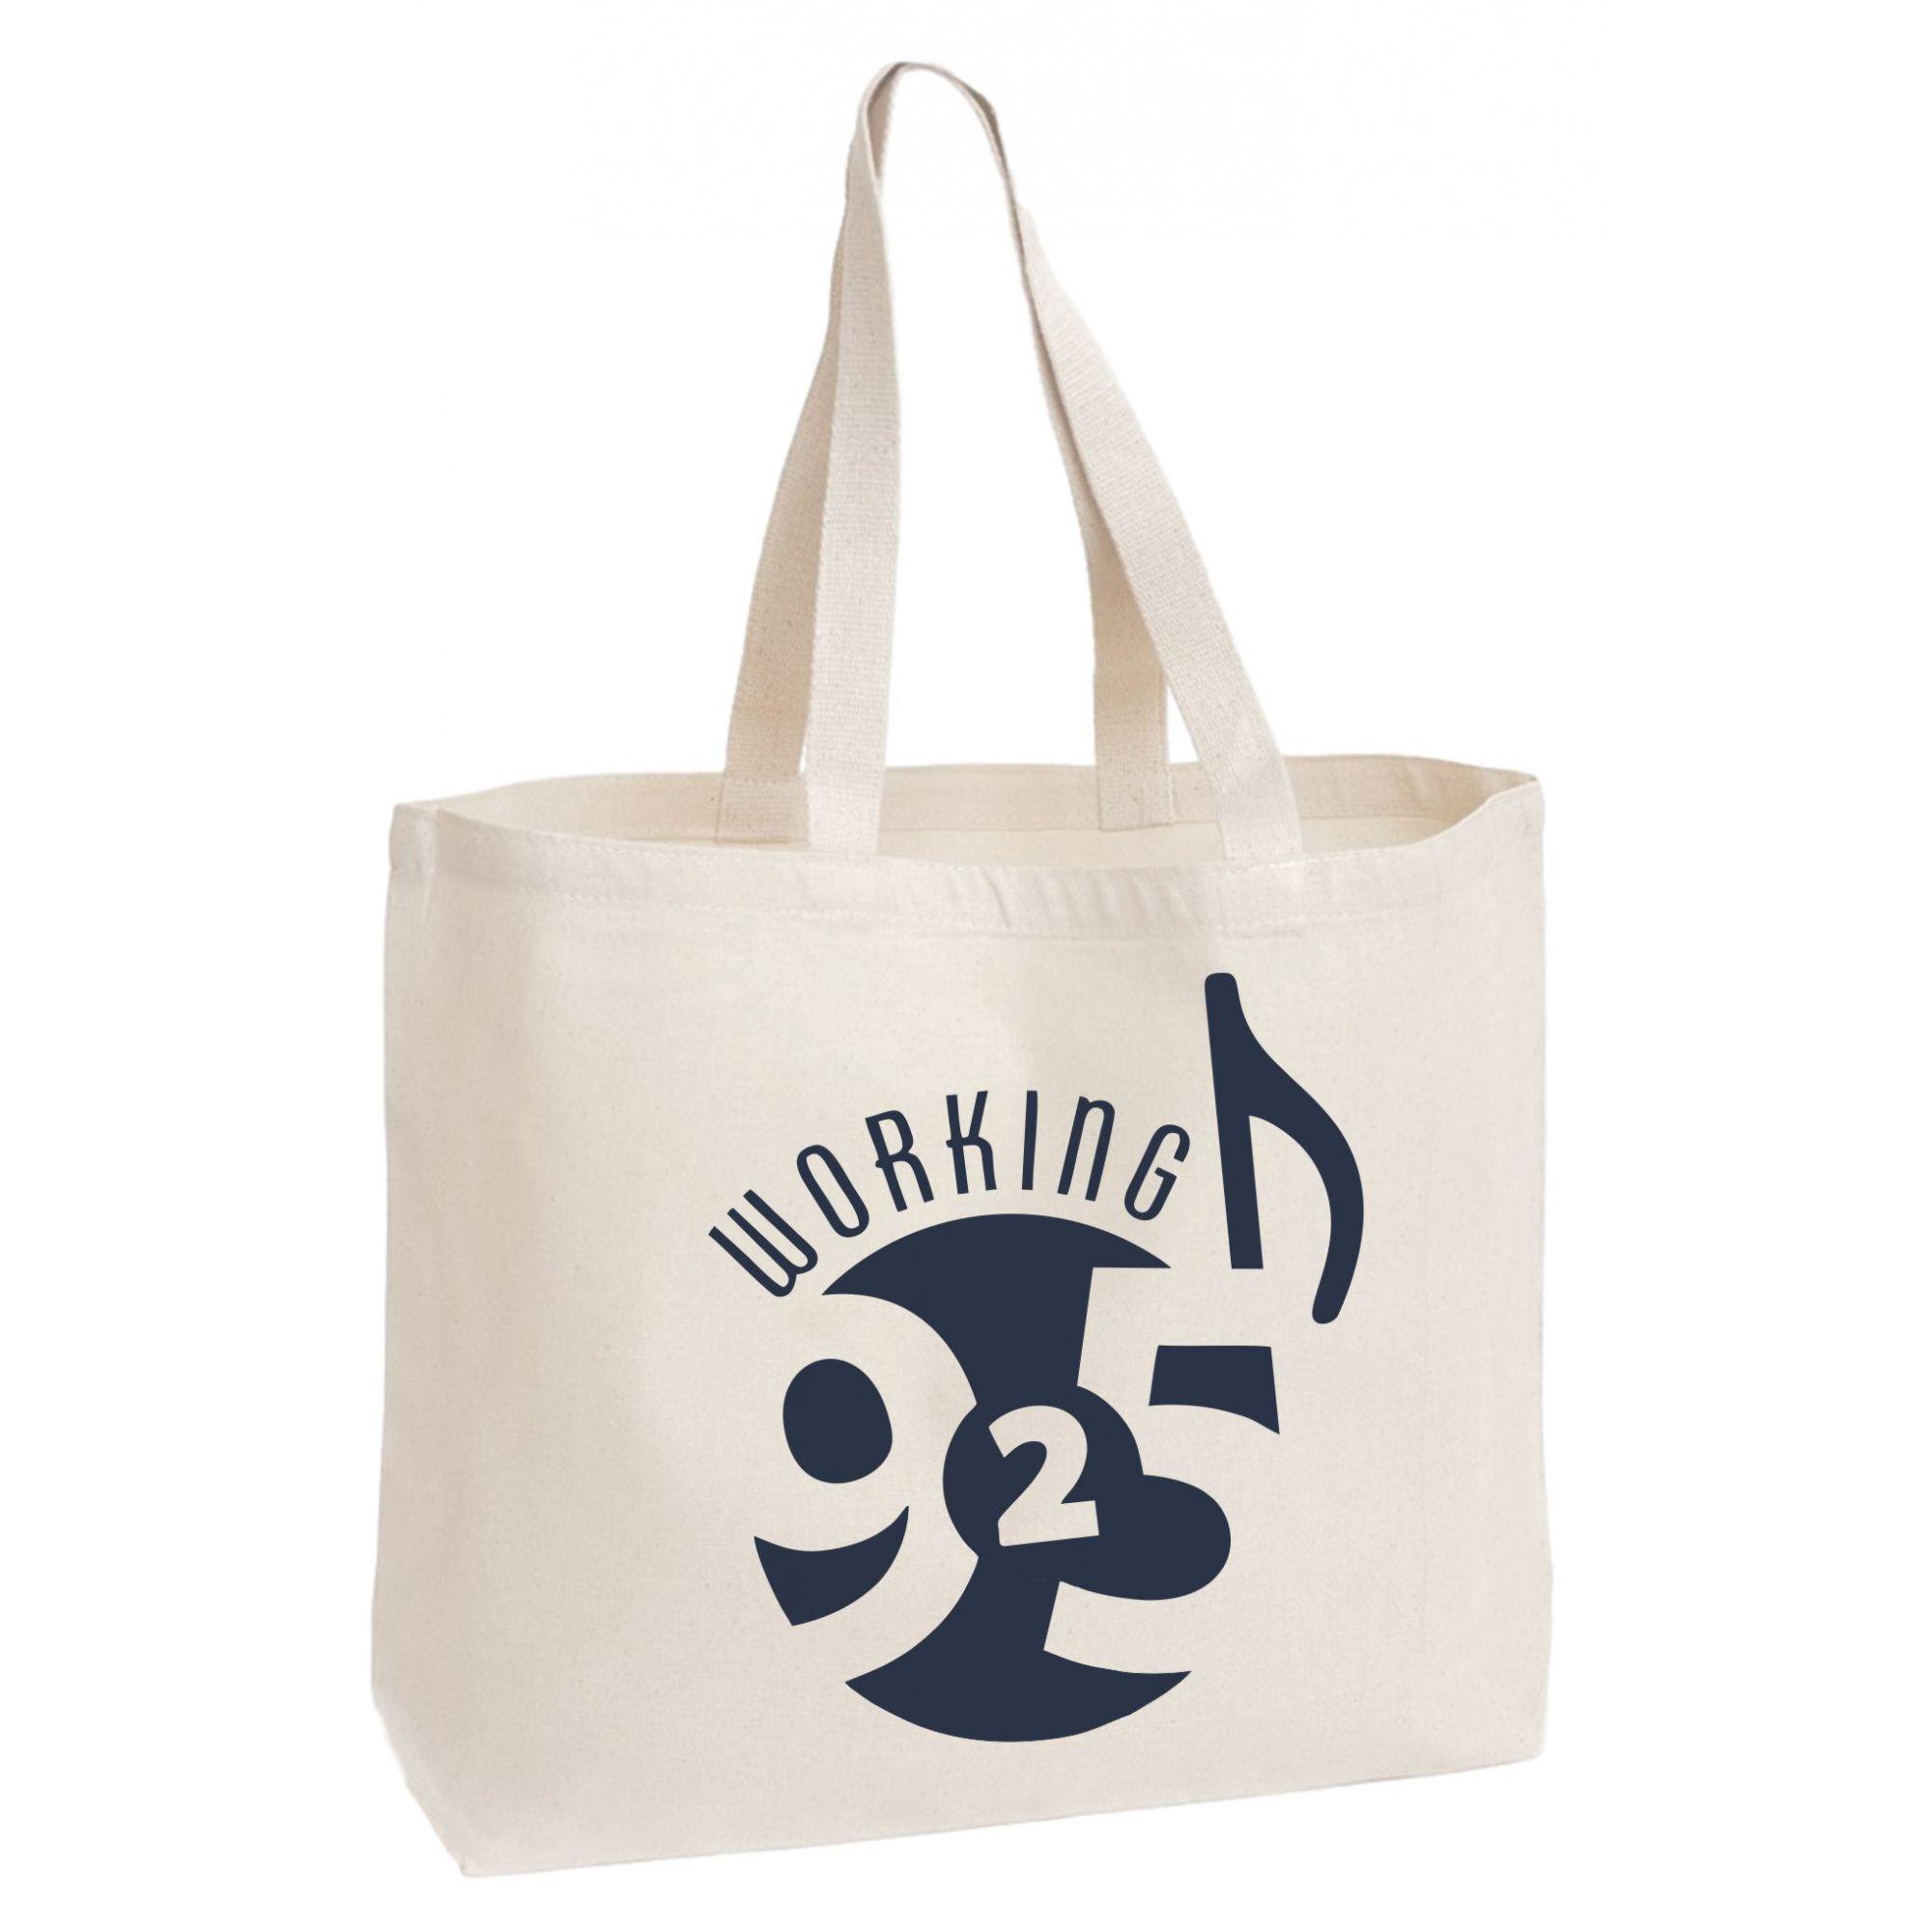 Sacola de algodão 35x40 - impressão em serigrafia -   Linha Ecobag 7480  - Litex Embalagens